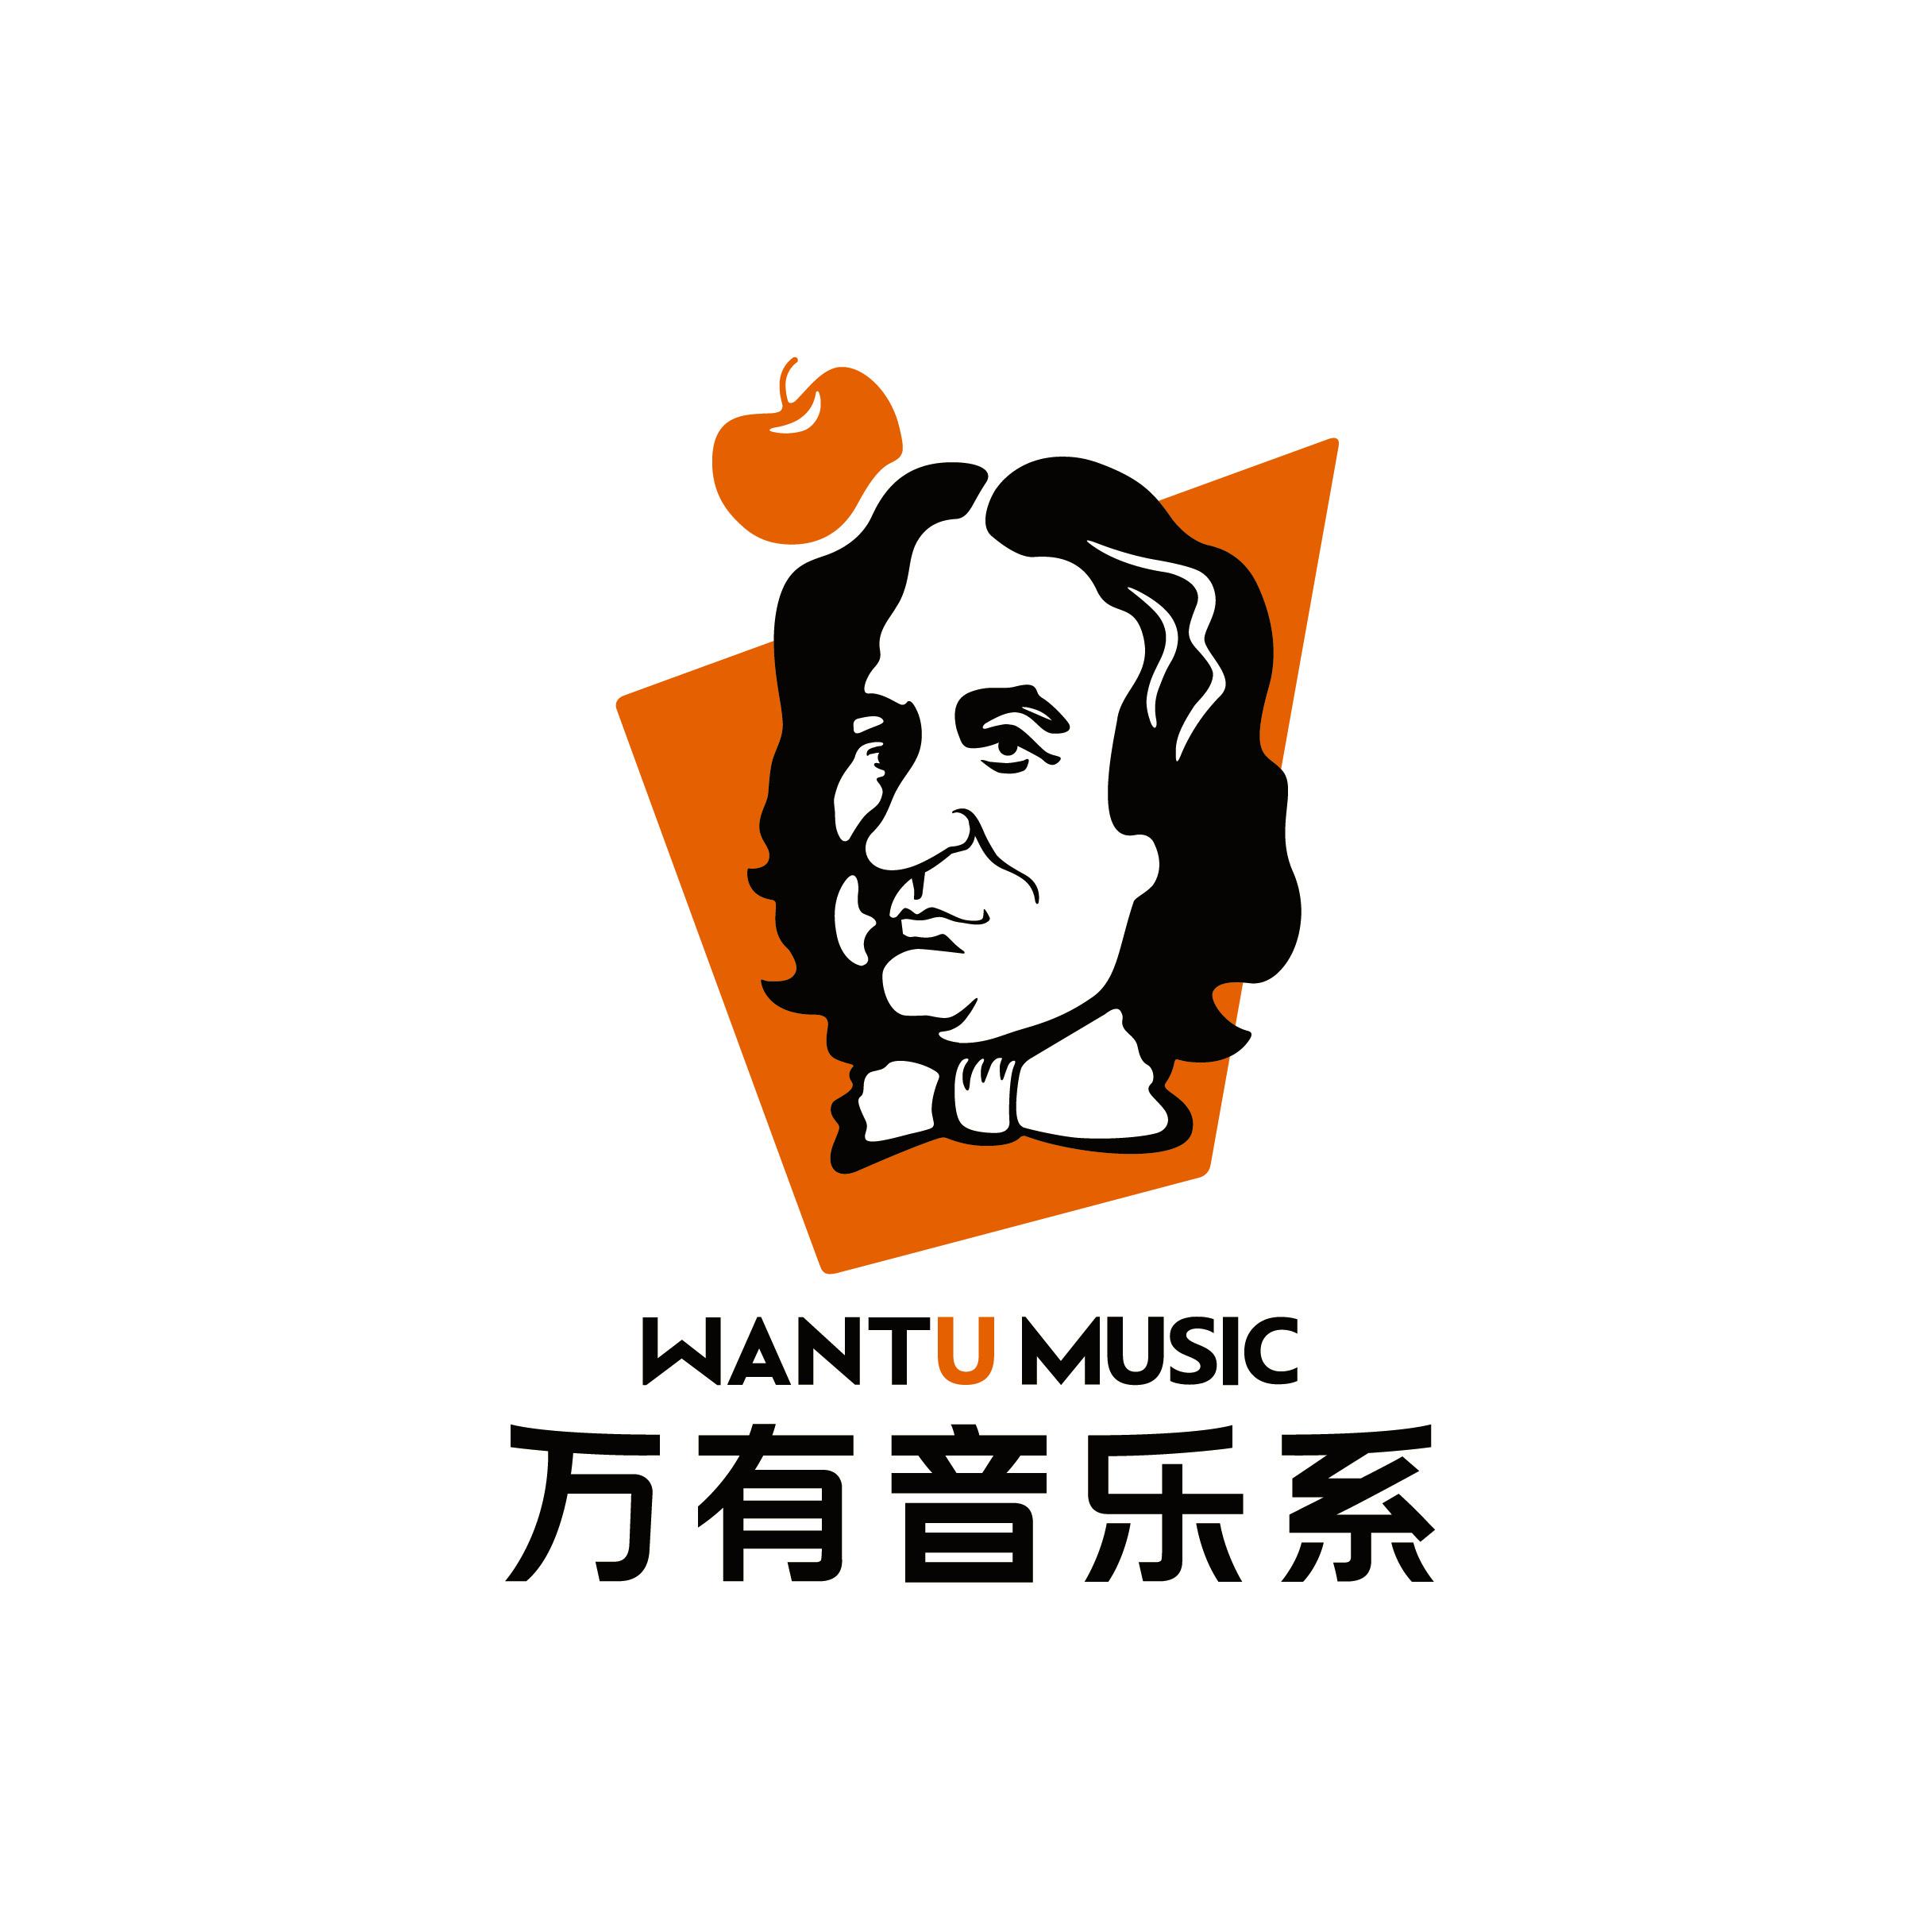 万有音乐系